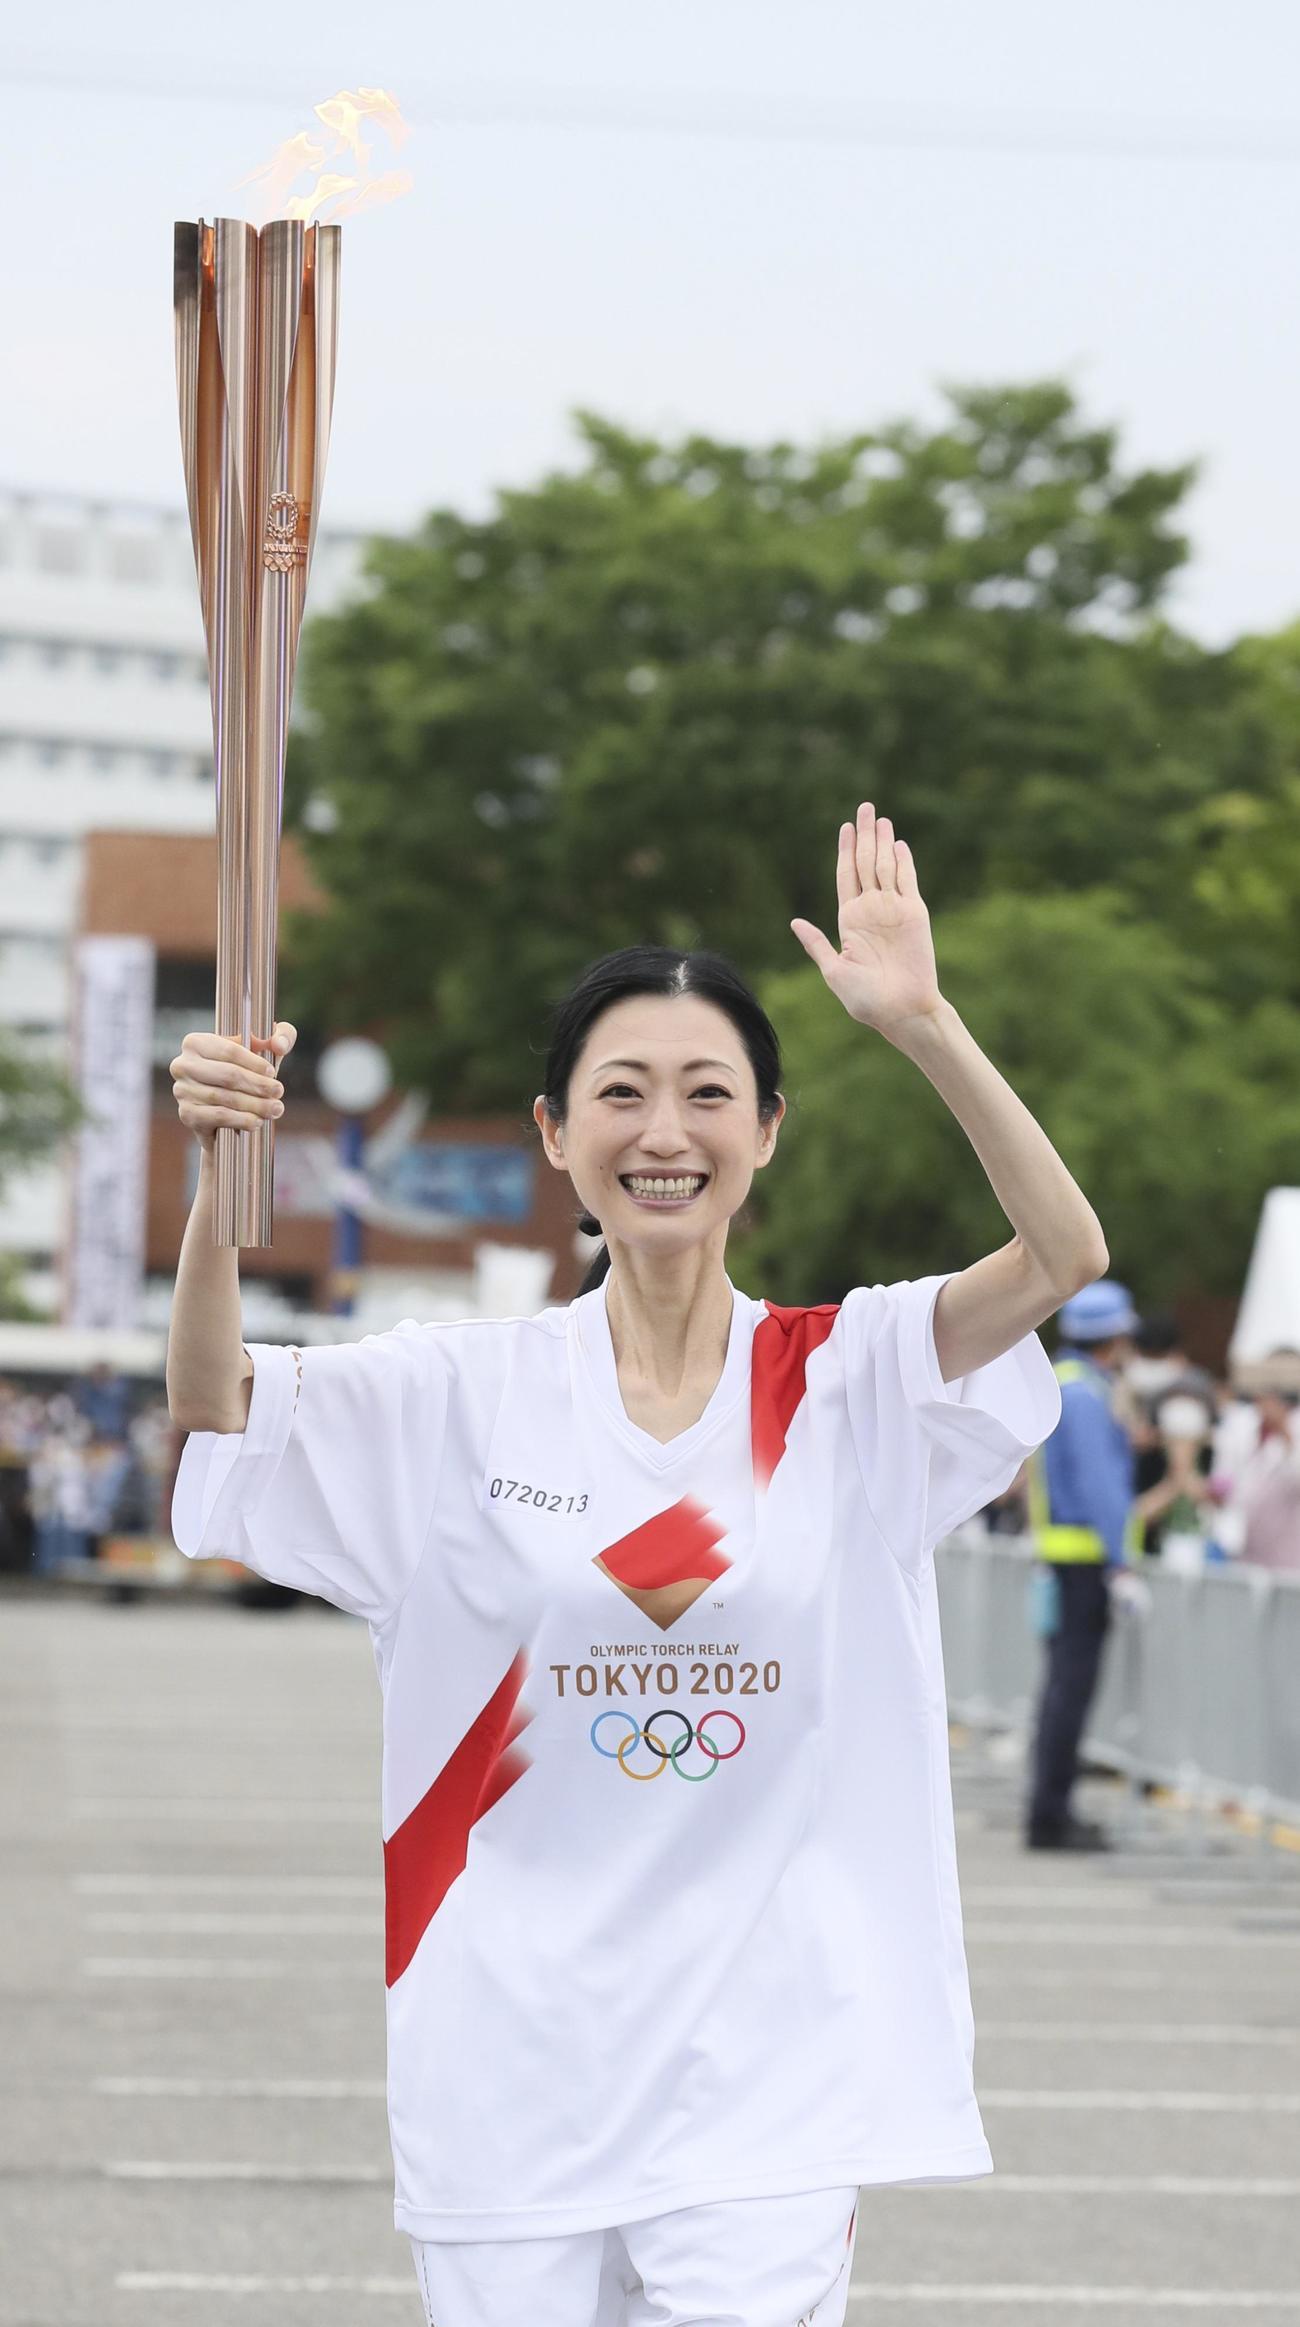 聖火ランナーを務めた壇蜜(代表撮影)